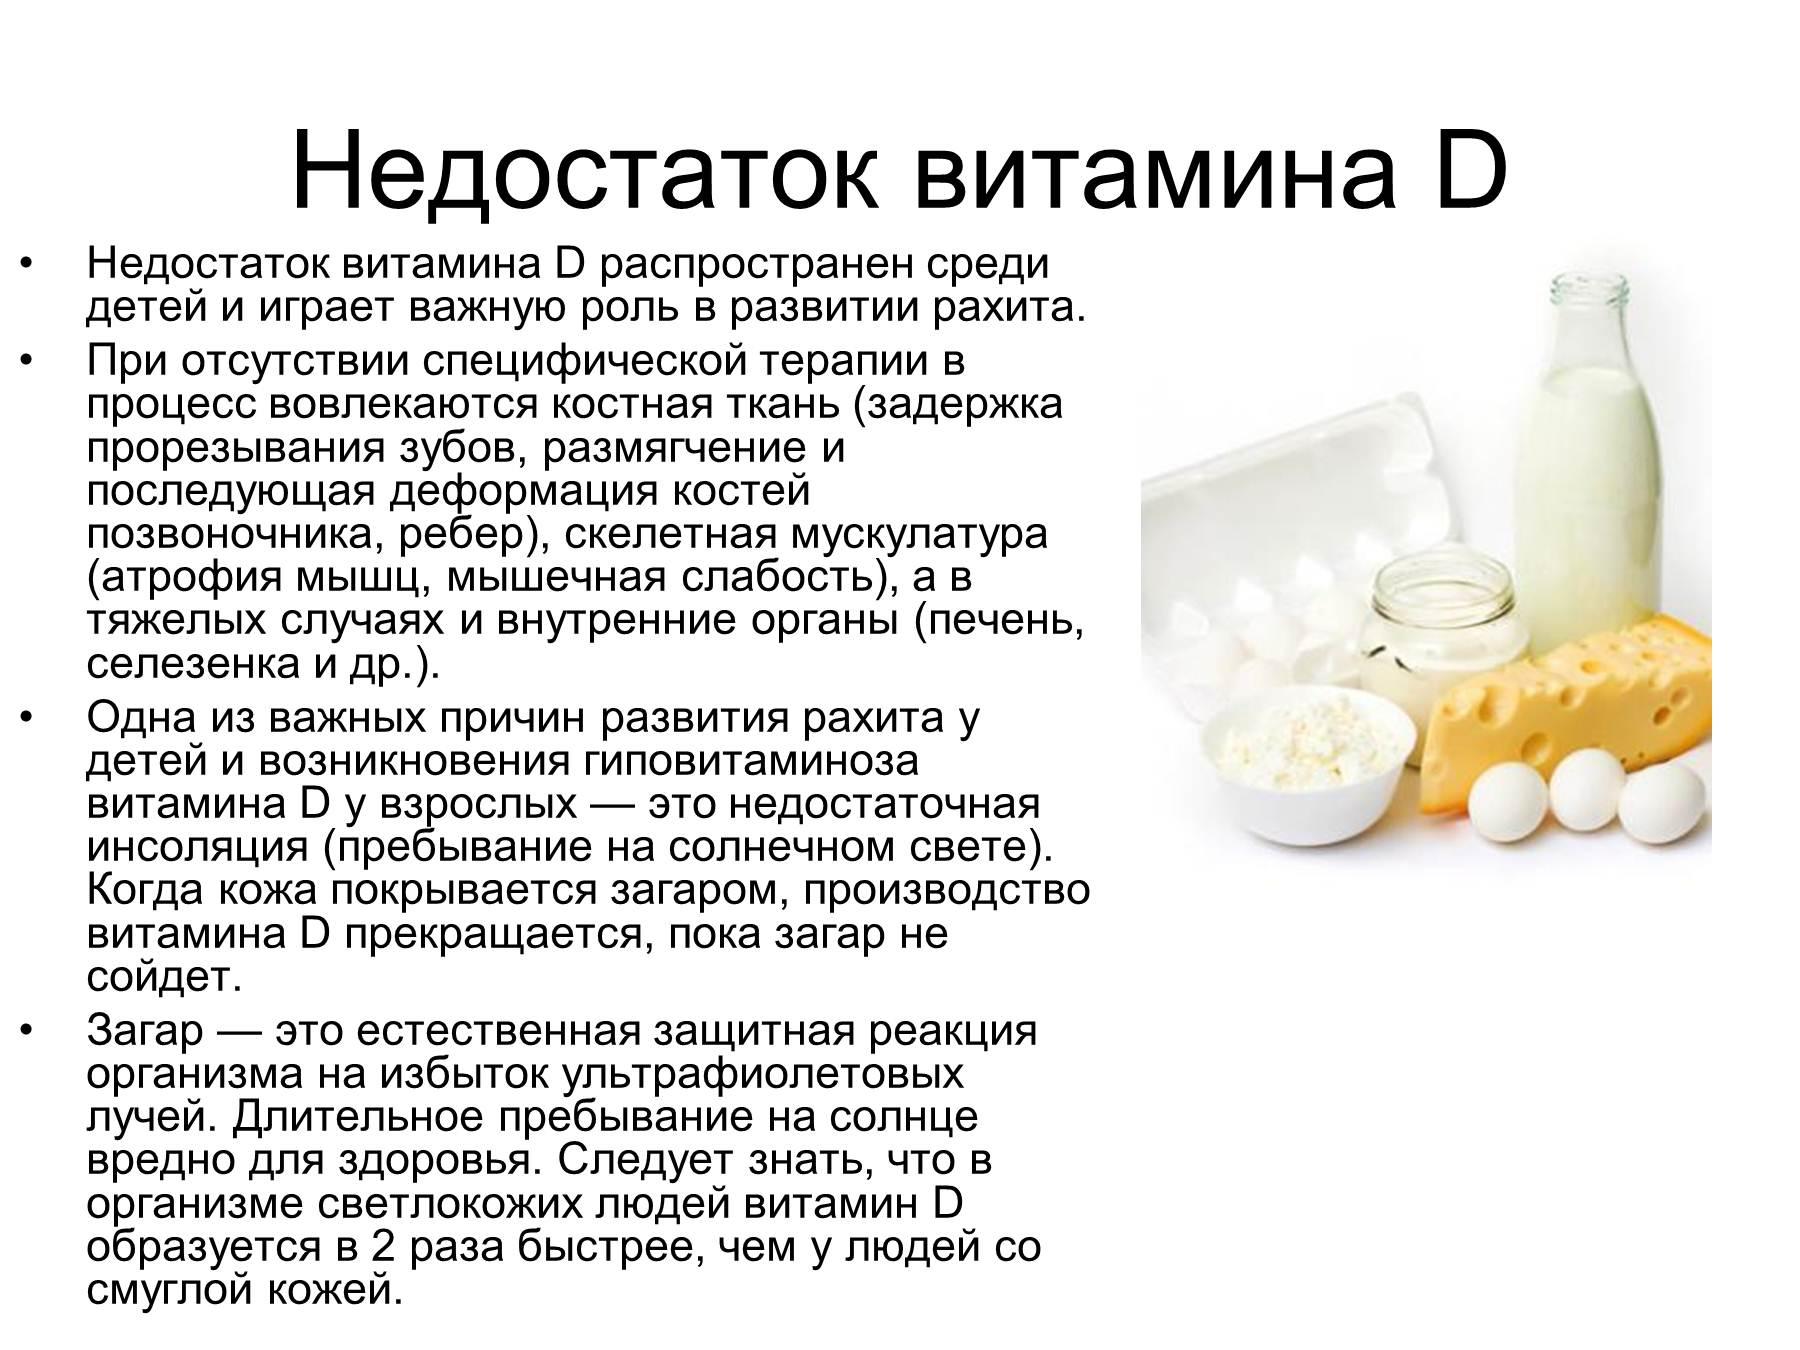 Почему не хватает в организме витамина д